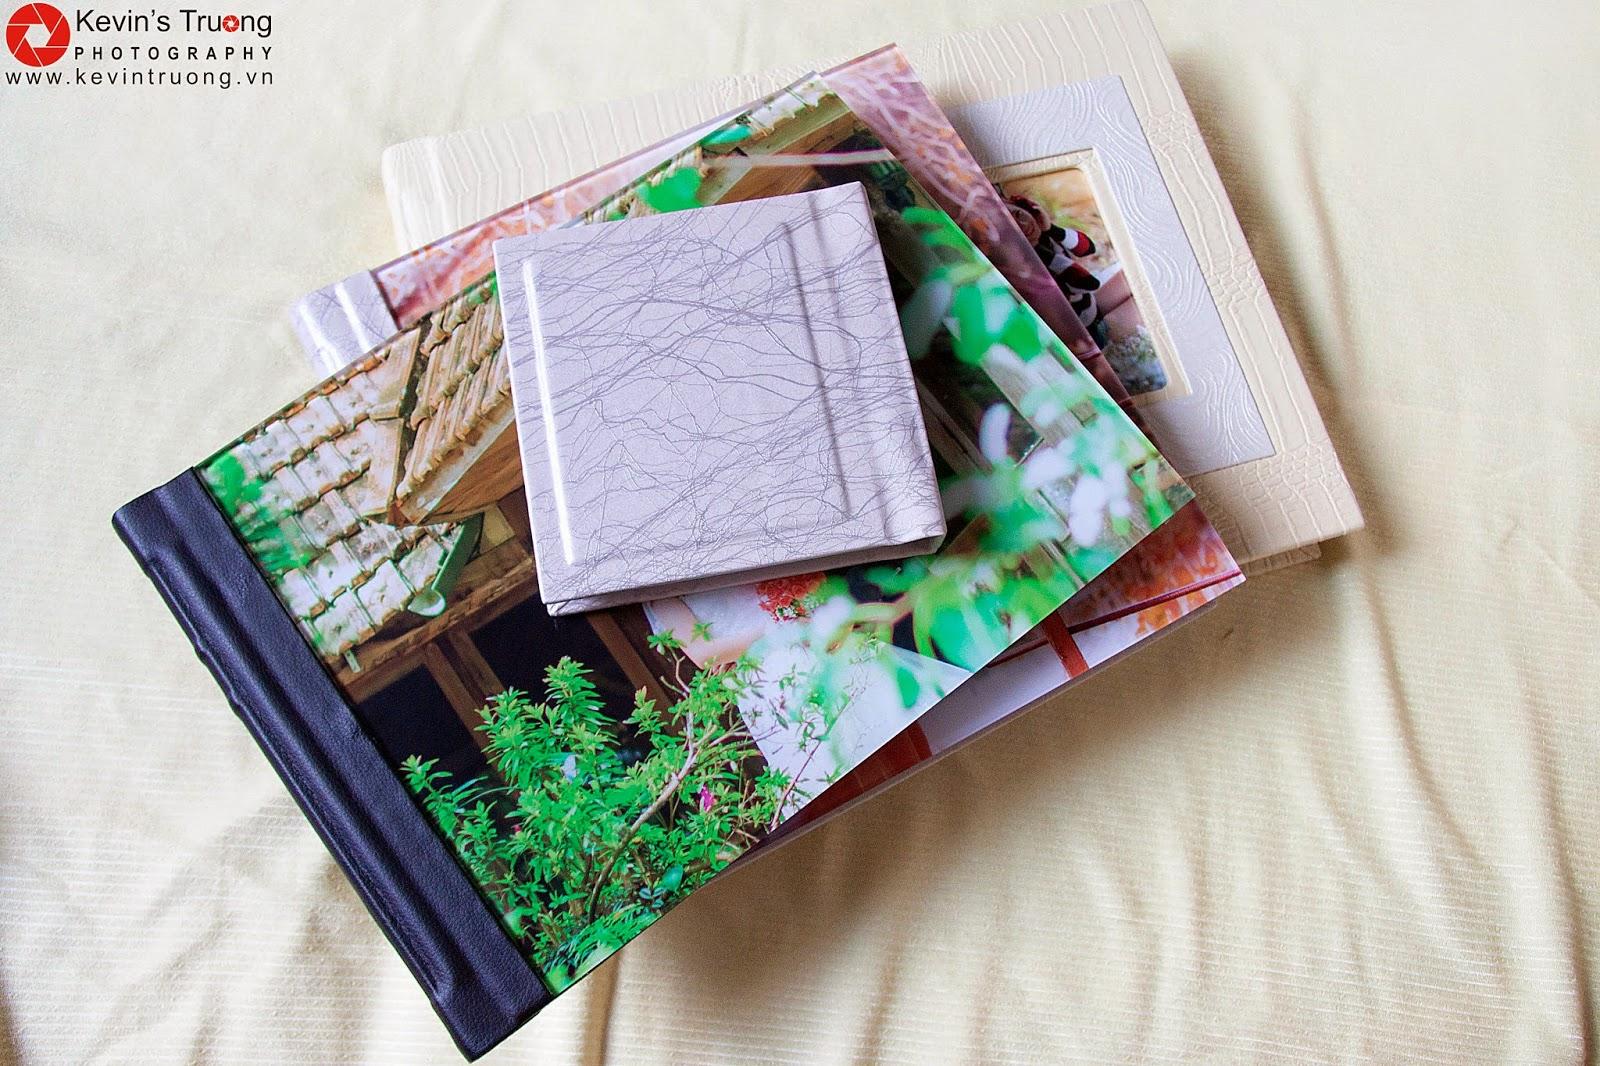 Gia Công-In Album Cát Kim Tuyến-Album 3D,Photobook,Ép gỗ các loại - 4